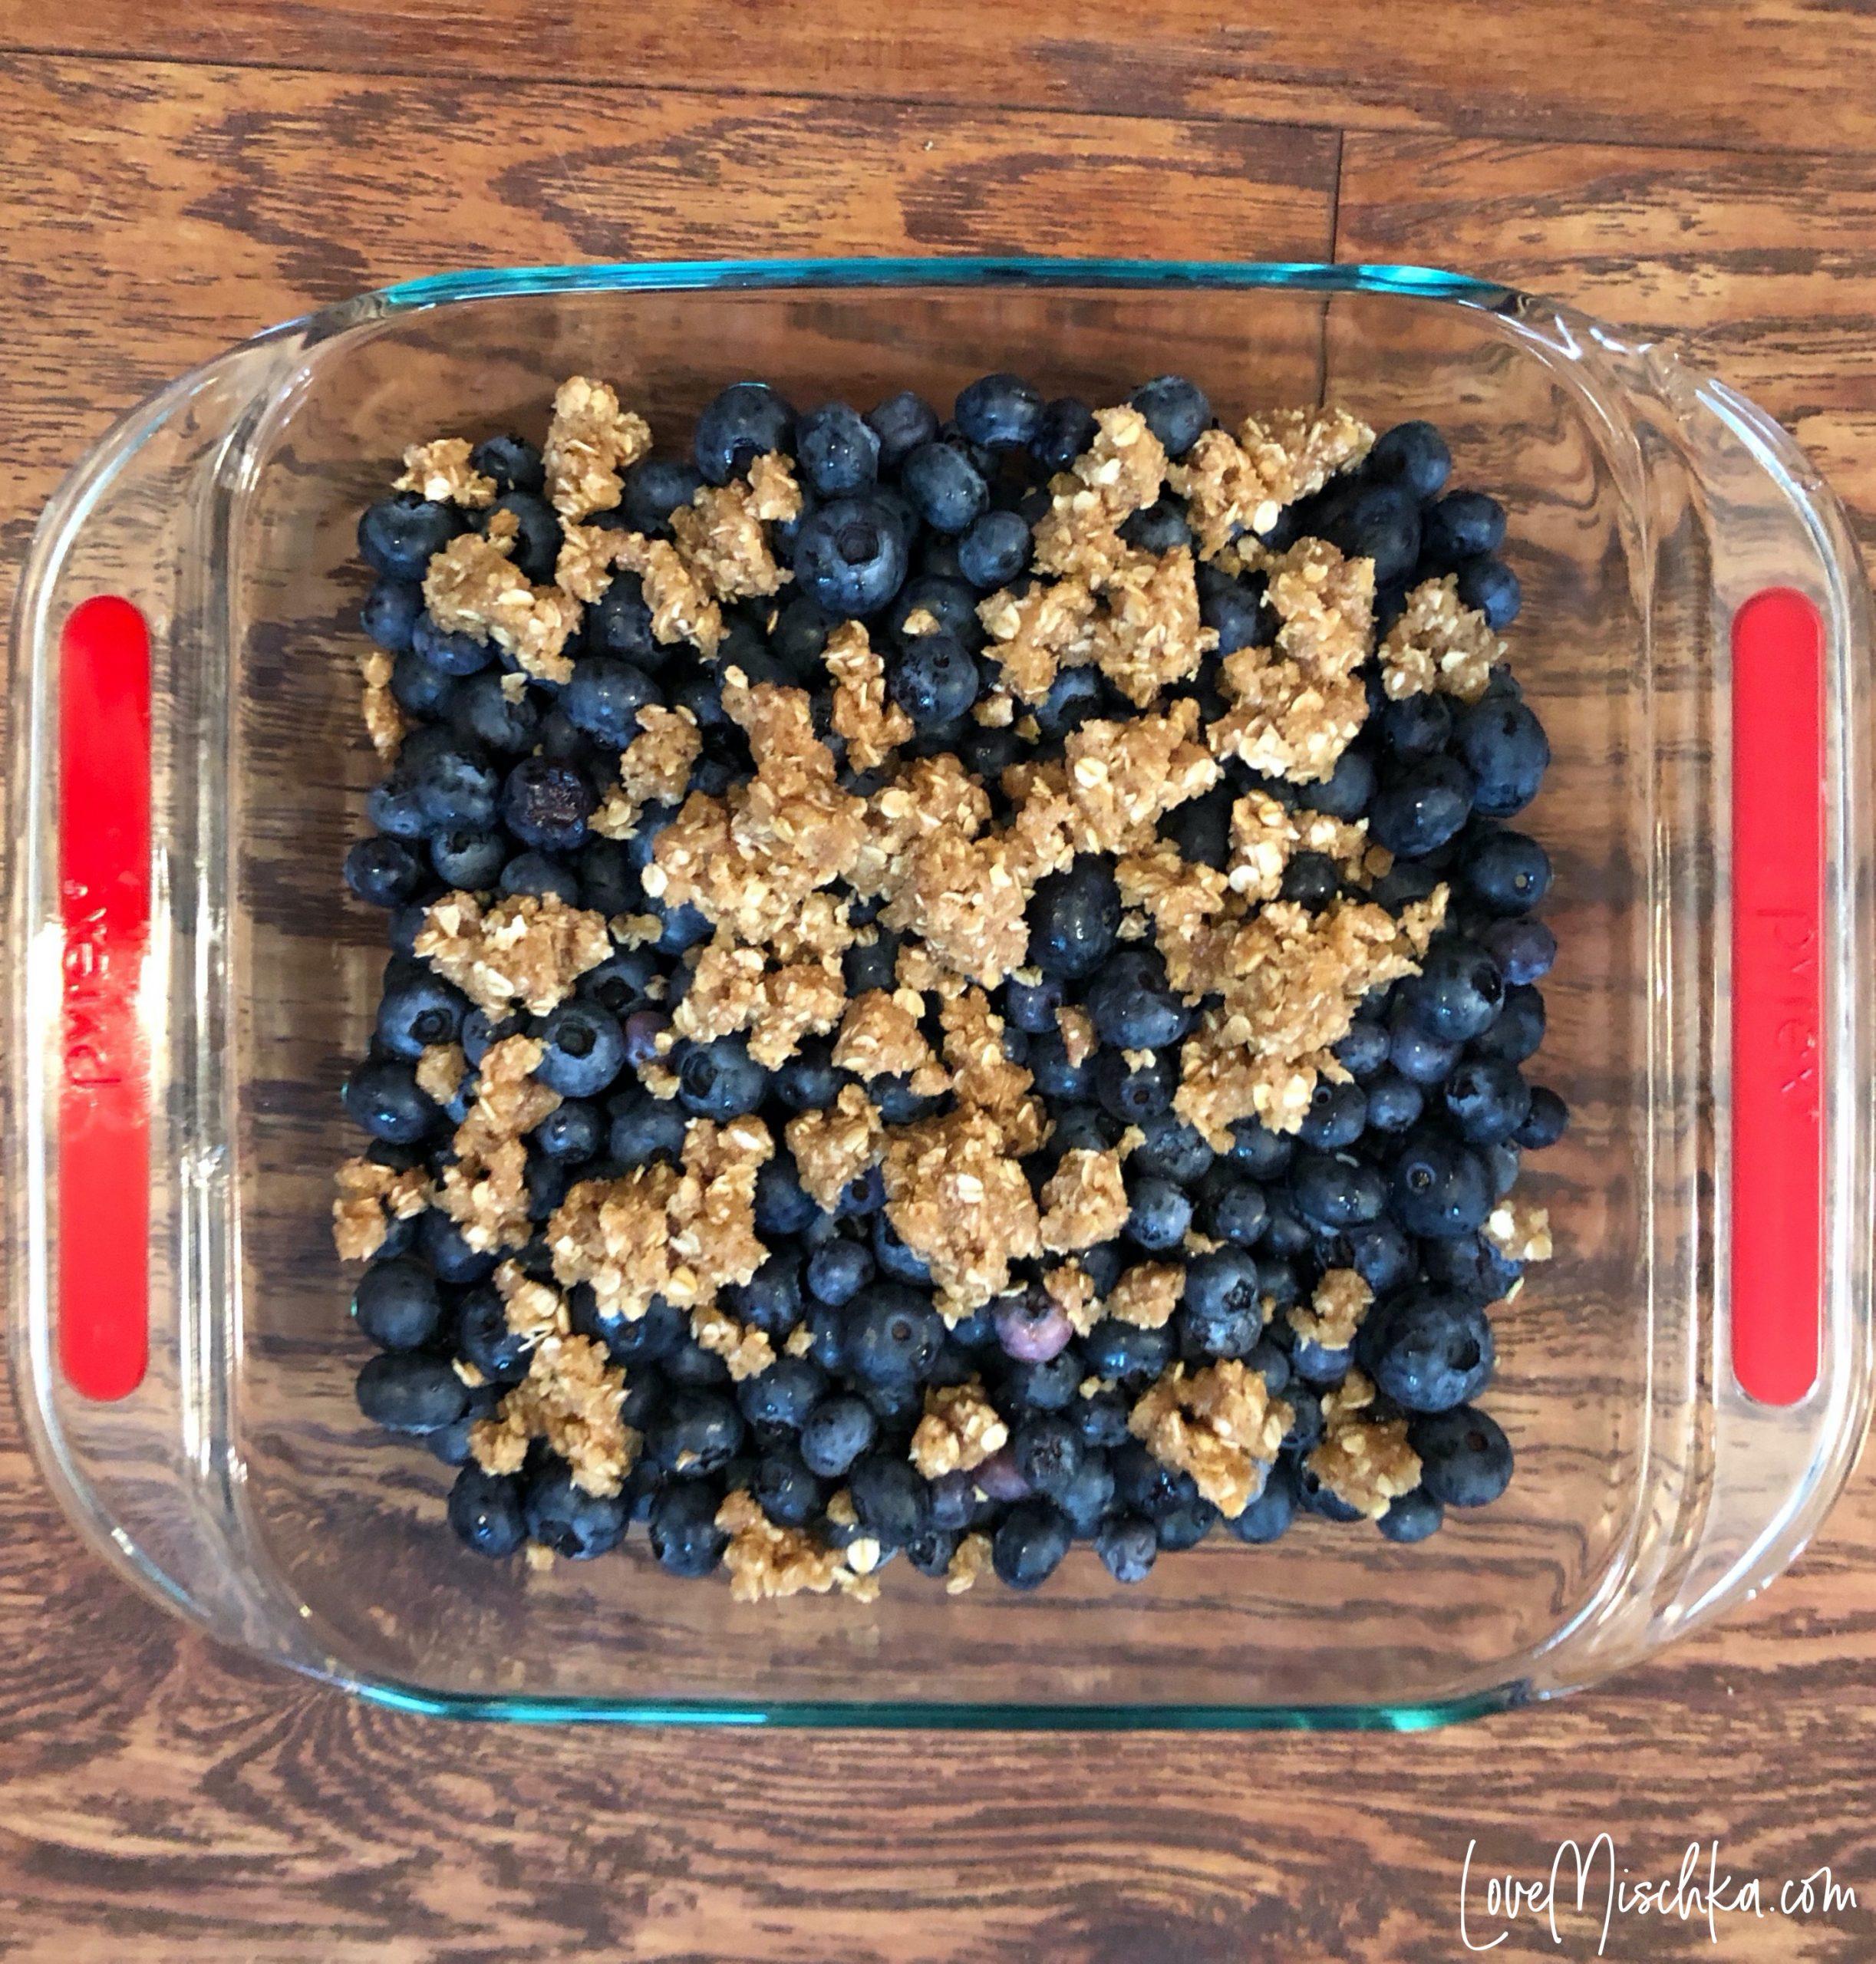 Blueberry Crisp Topping